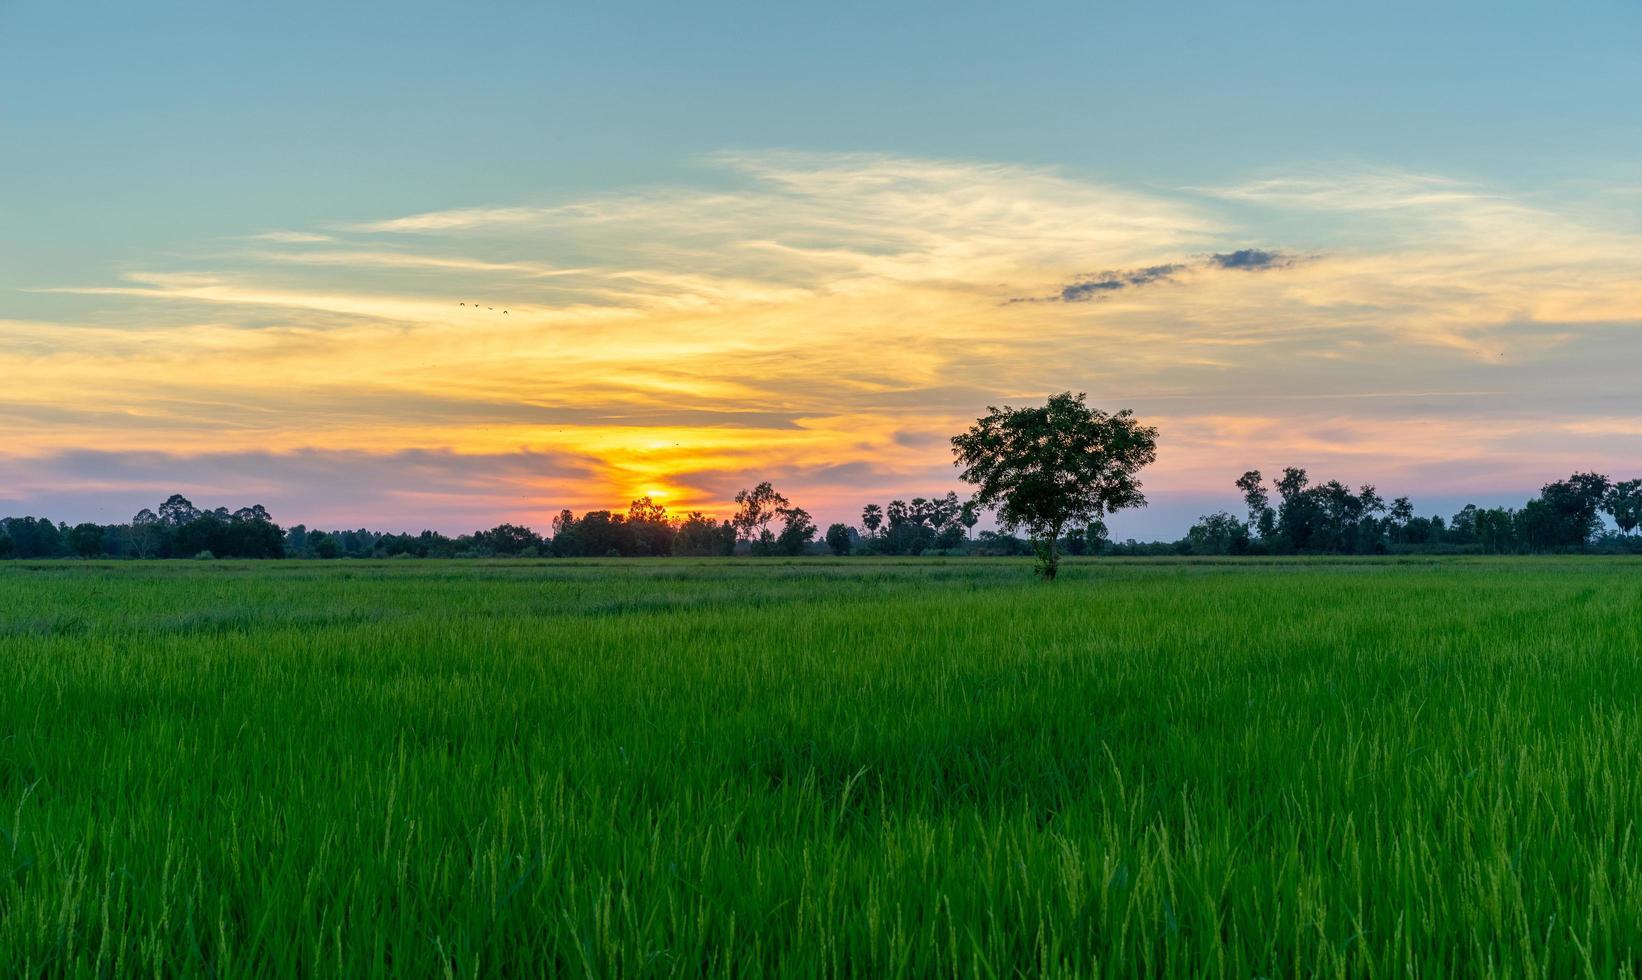 Baum auf der grünen Wiese bei Sonnenuntergang foto